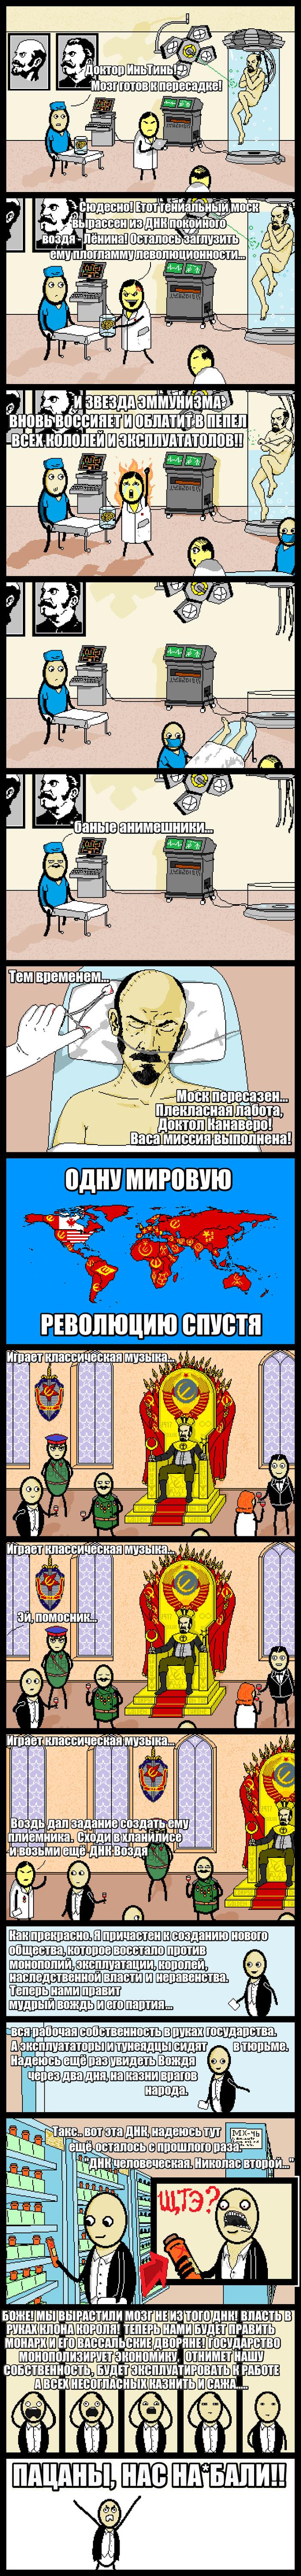 Правительское Cynicmansion, Диктатура, Вождь, Ирония, Комиксы, Pixel art, Длиннопост